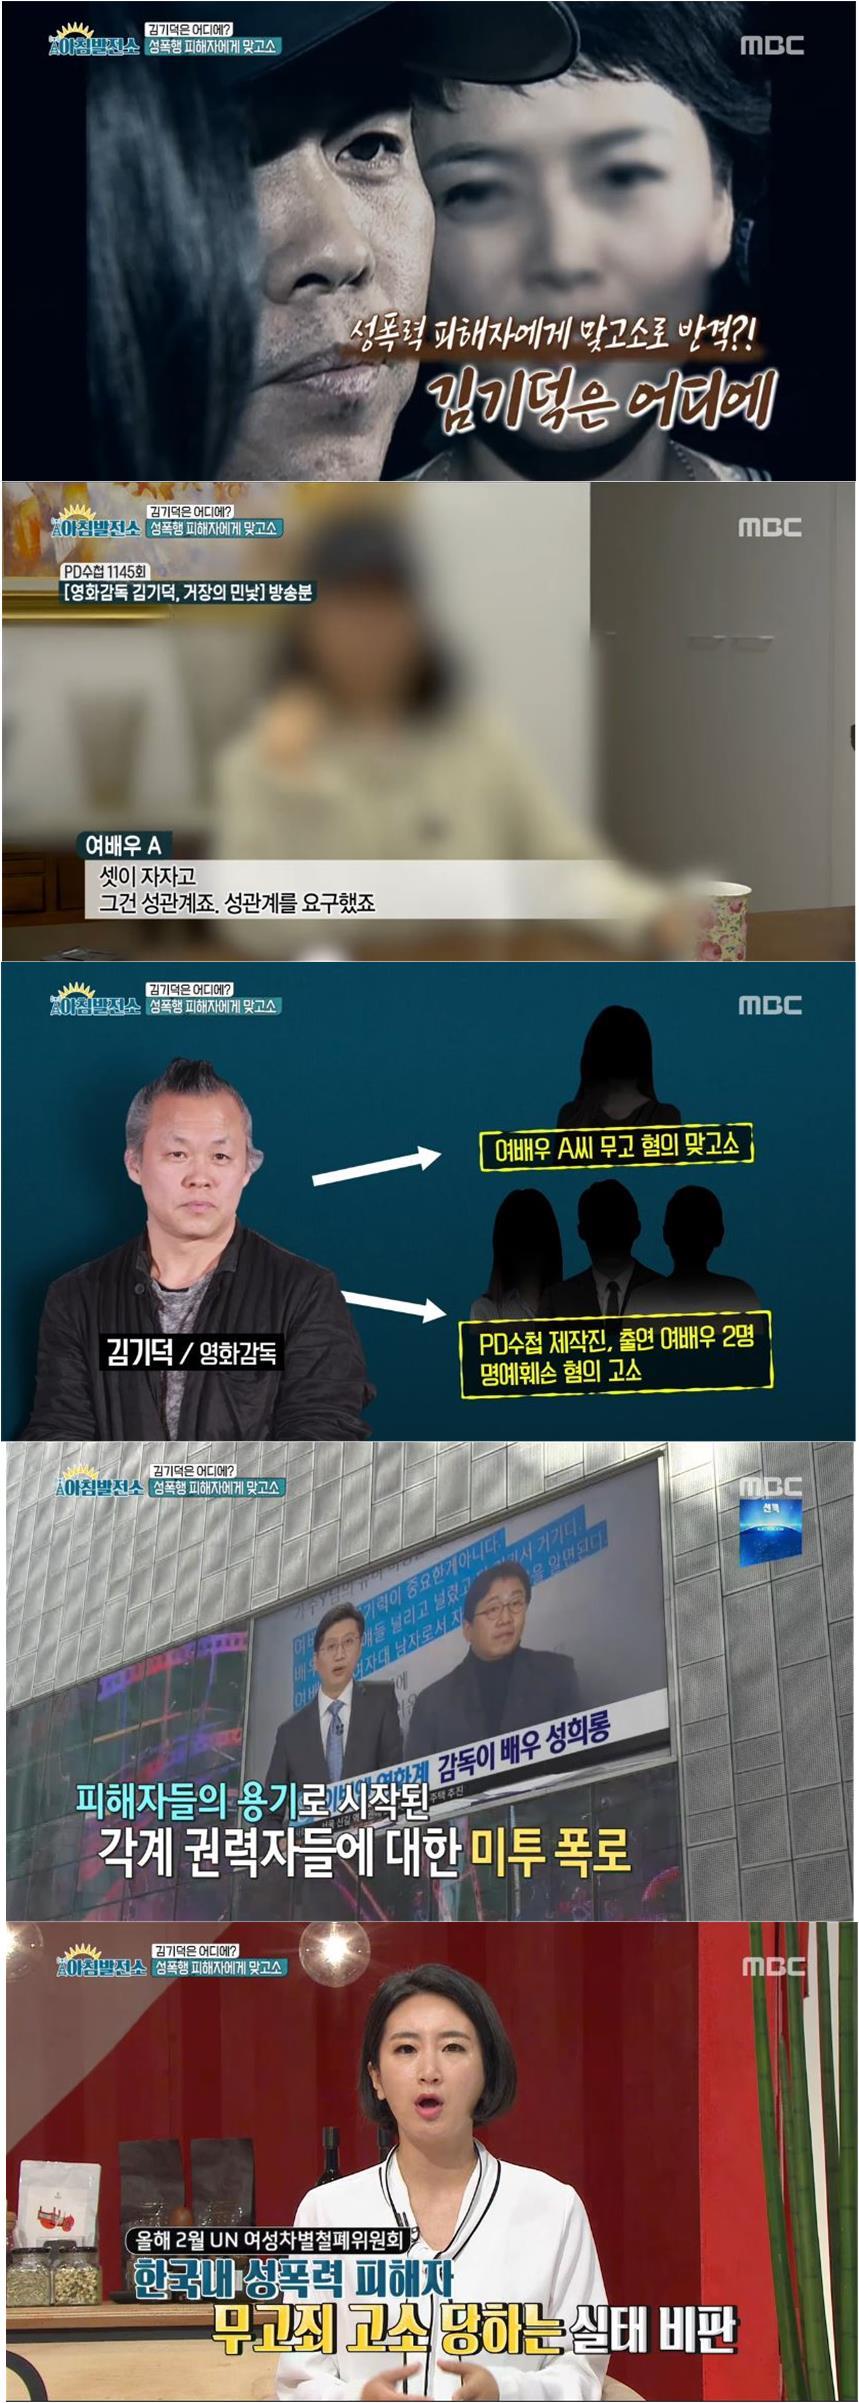 '아침발전소' 피의자가 되어버린 피해자… 미투운동의 현주소